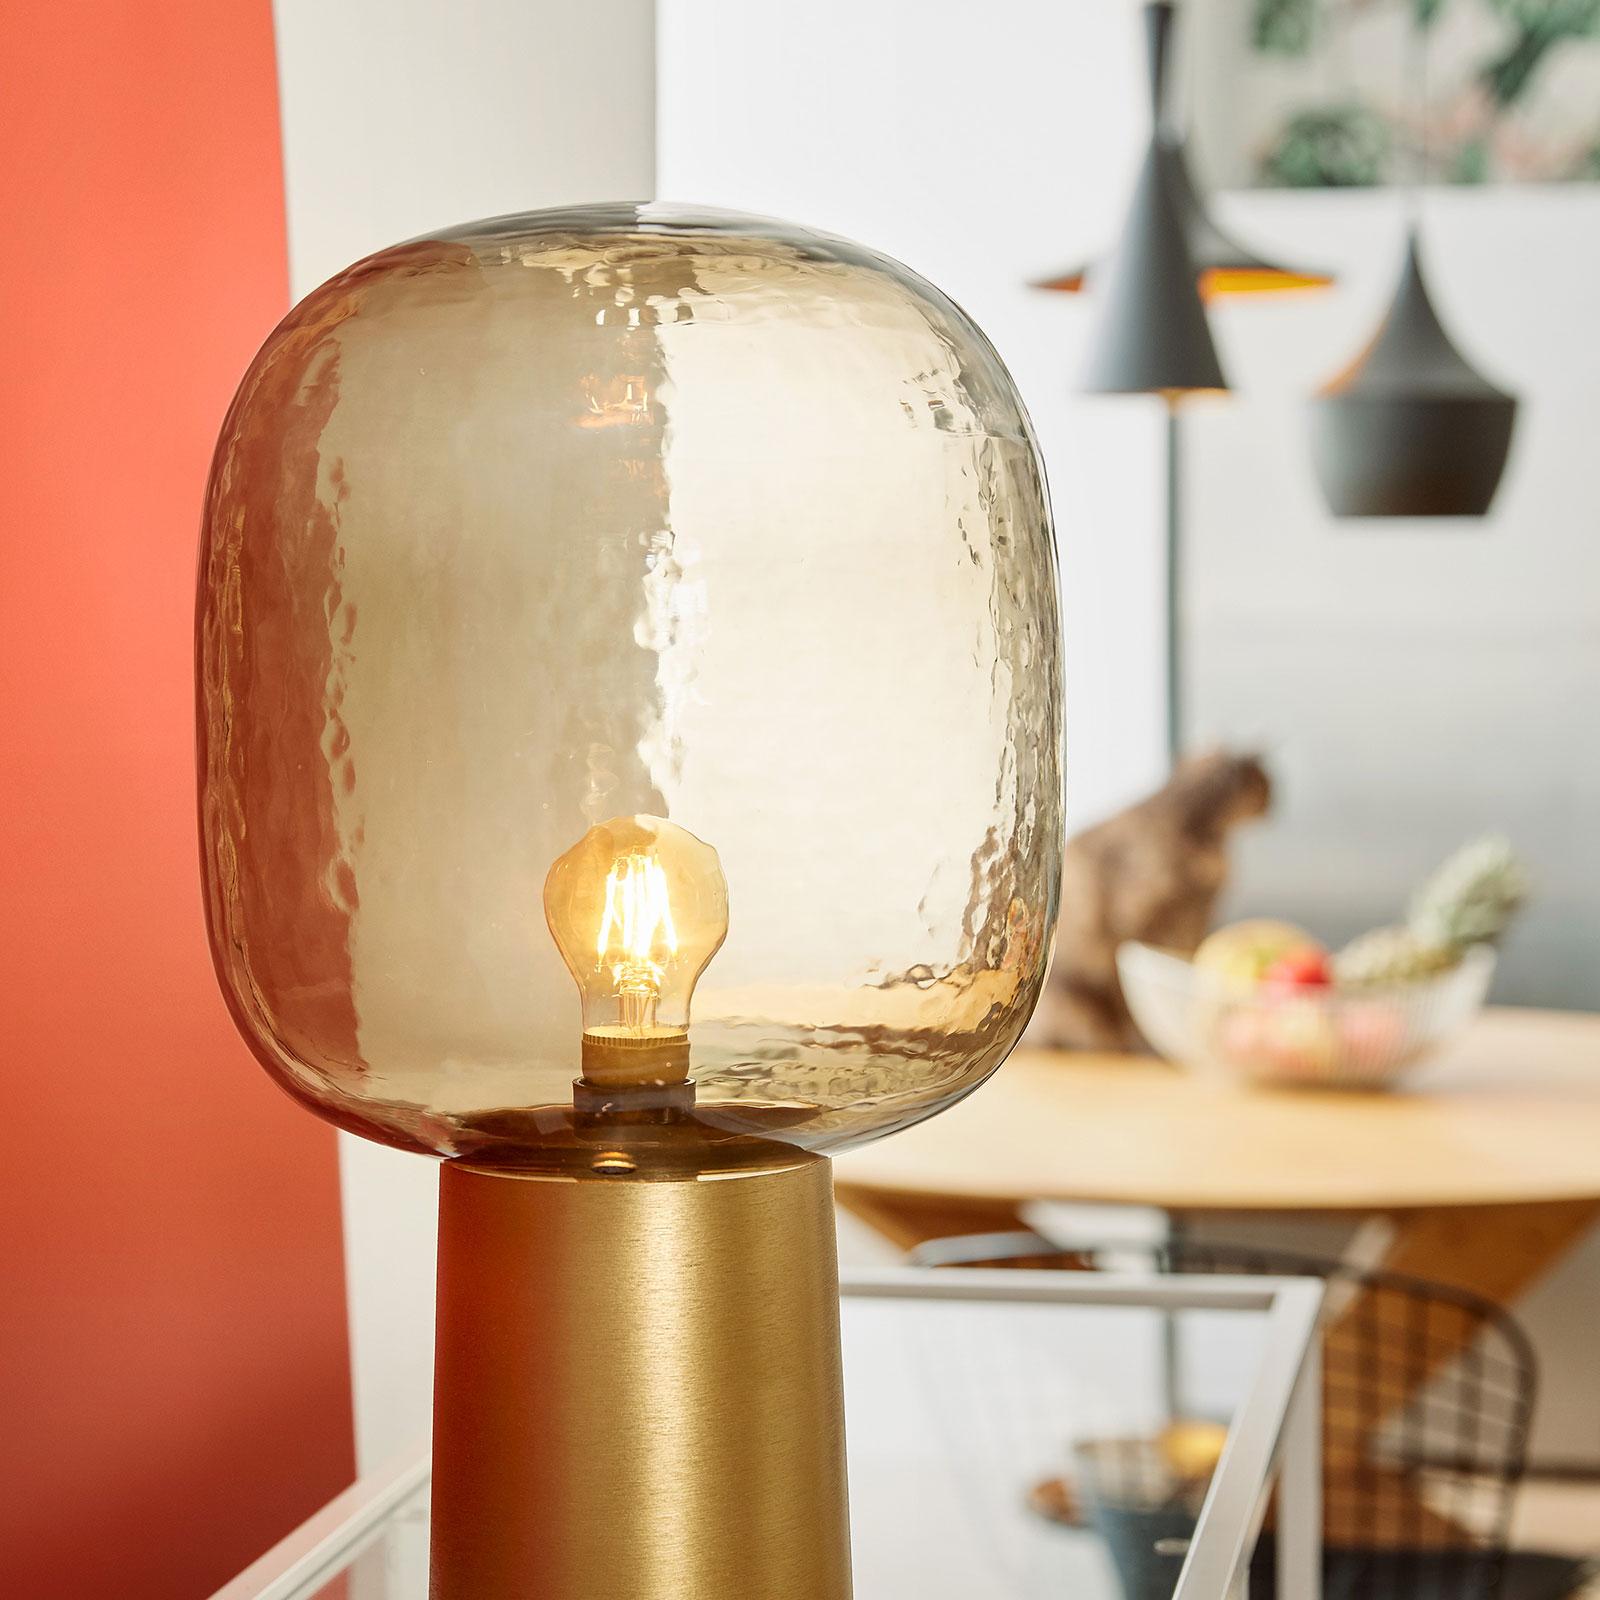 Innr LED E27 4,2W Smart Filament warmweiß gold